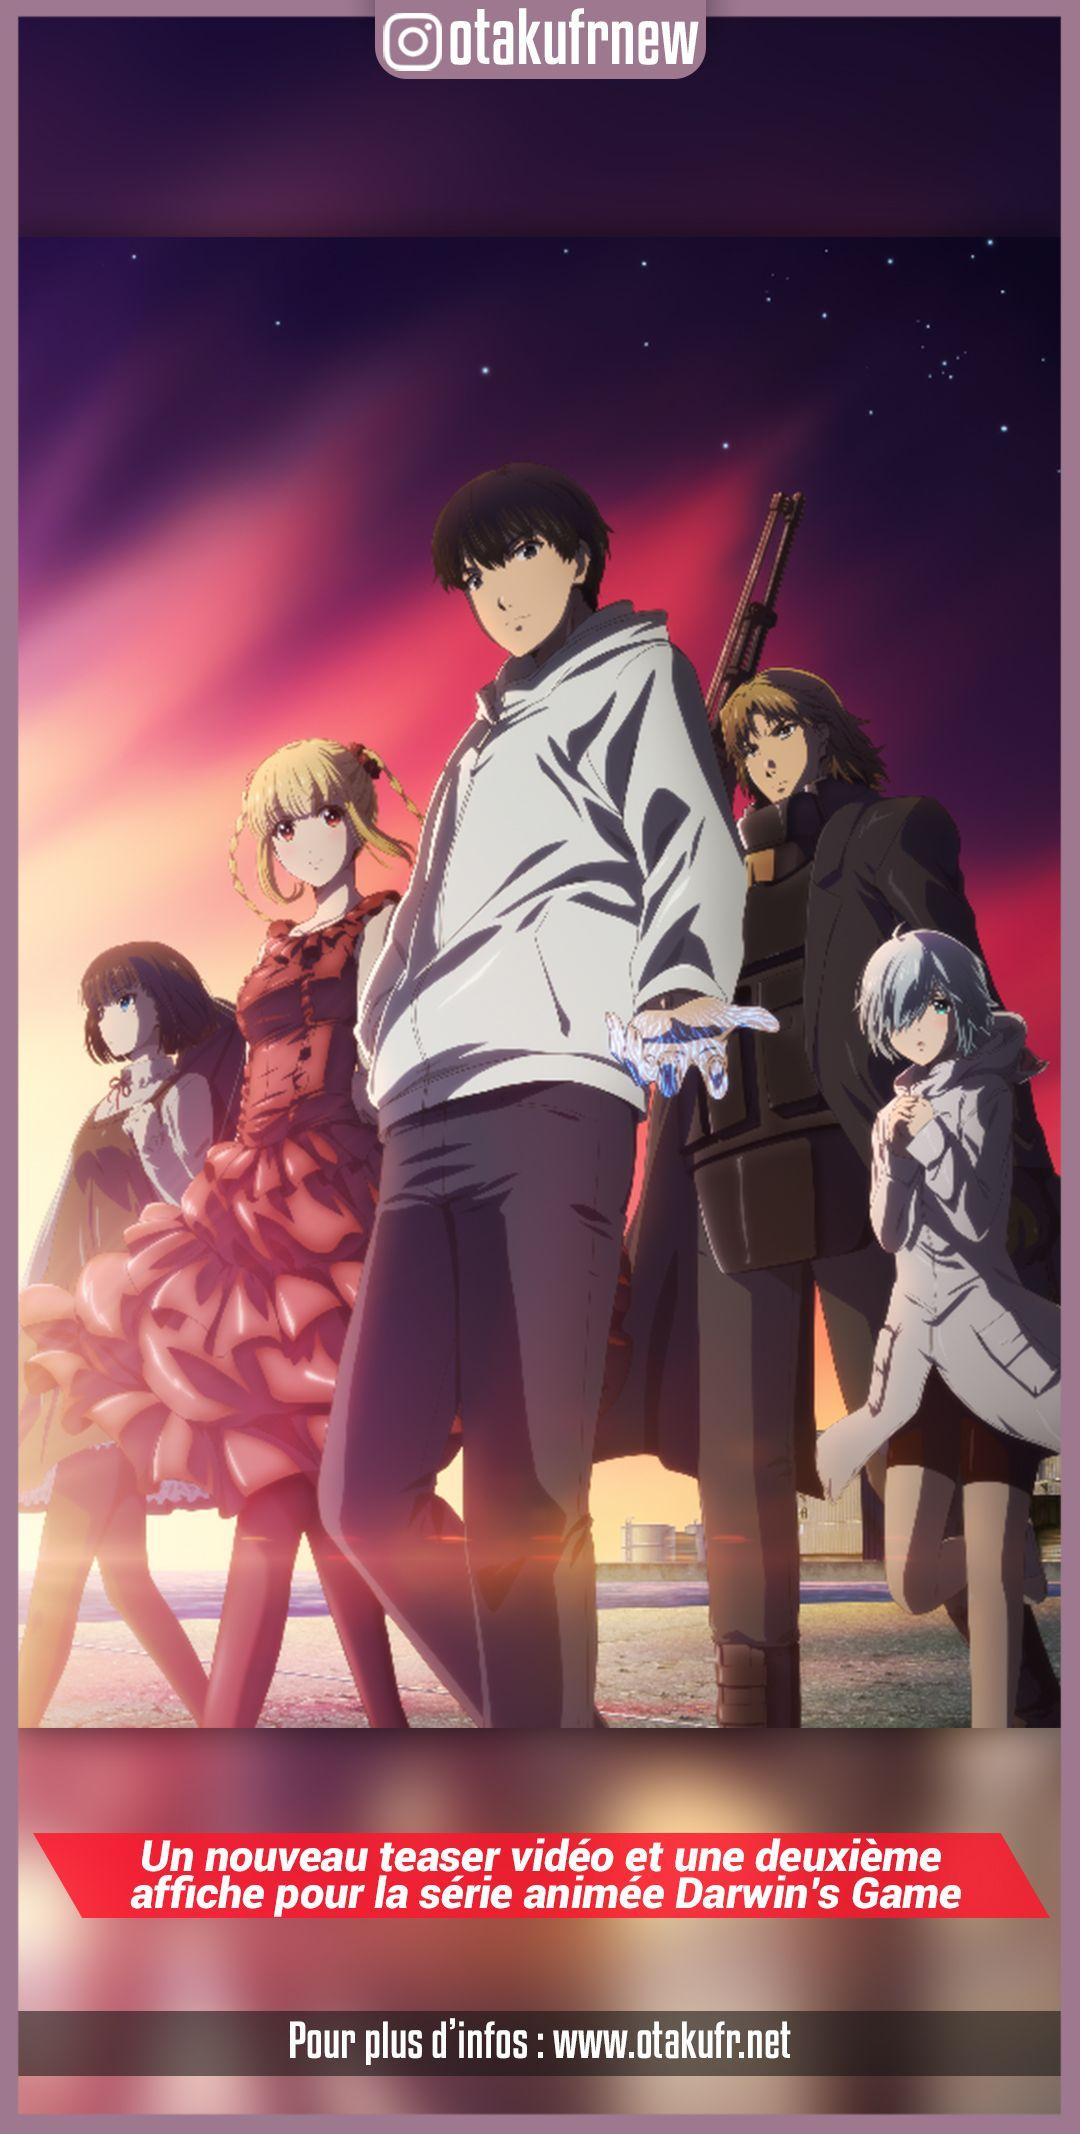 anime, anime wallpapers, darwins game, manga, anime news